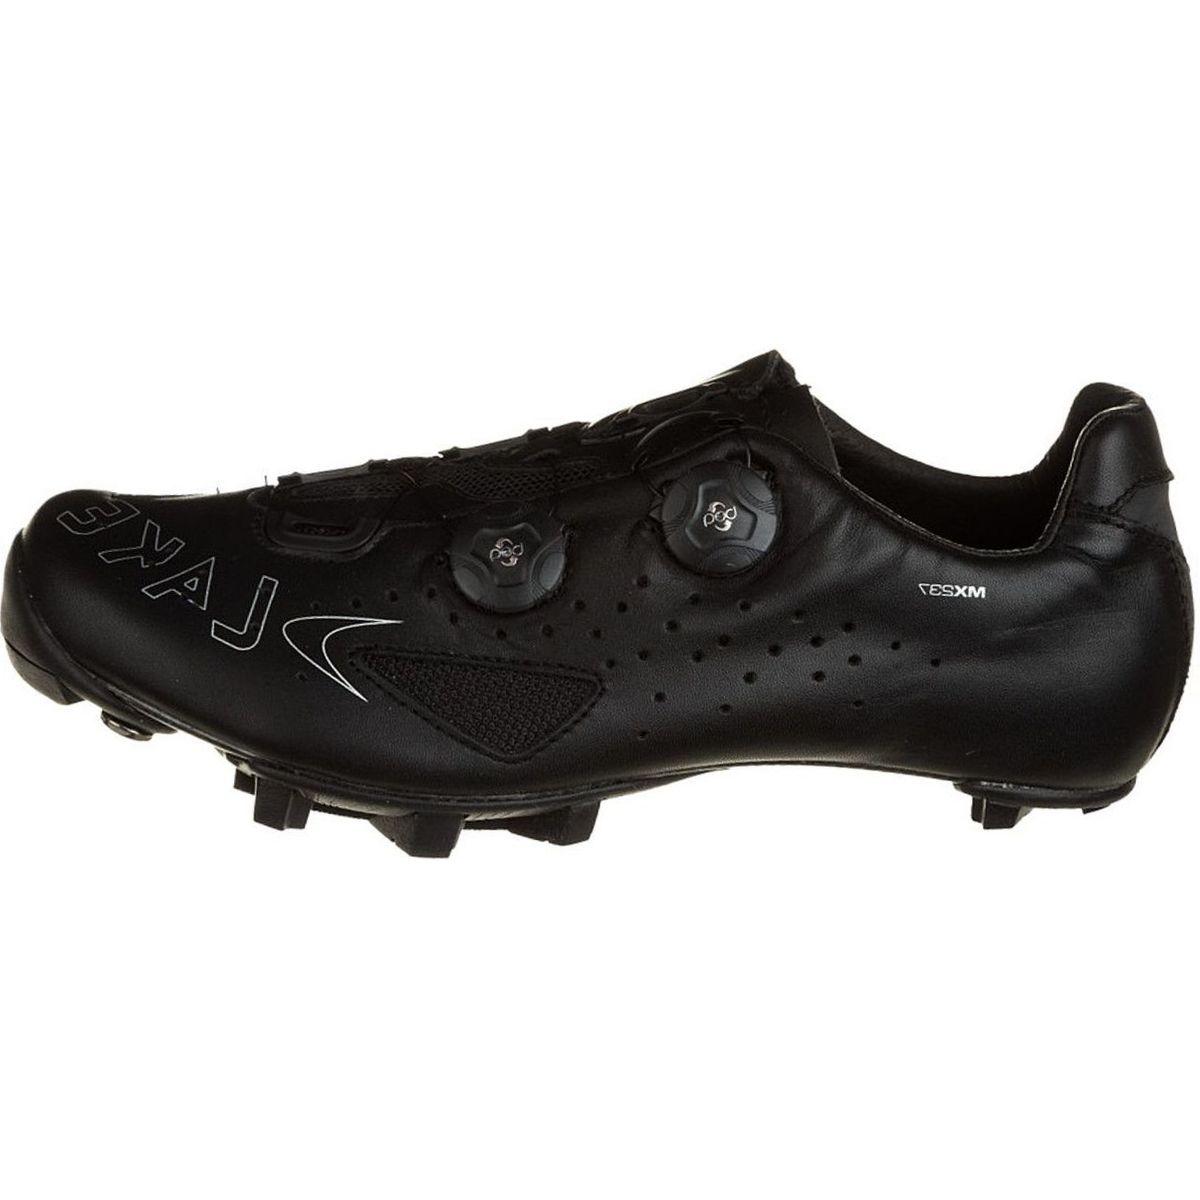 Lake MX237 Wide Cycling Shoe - Men's